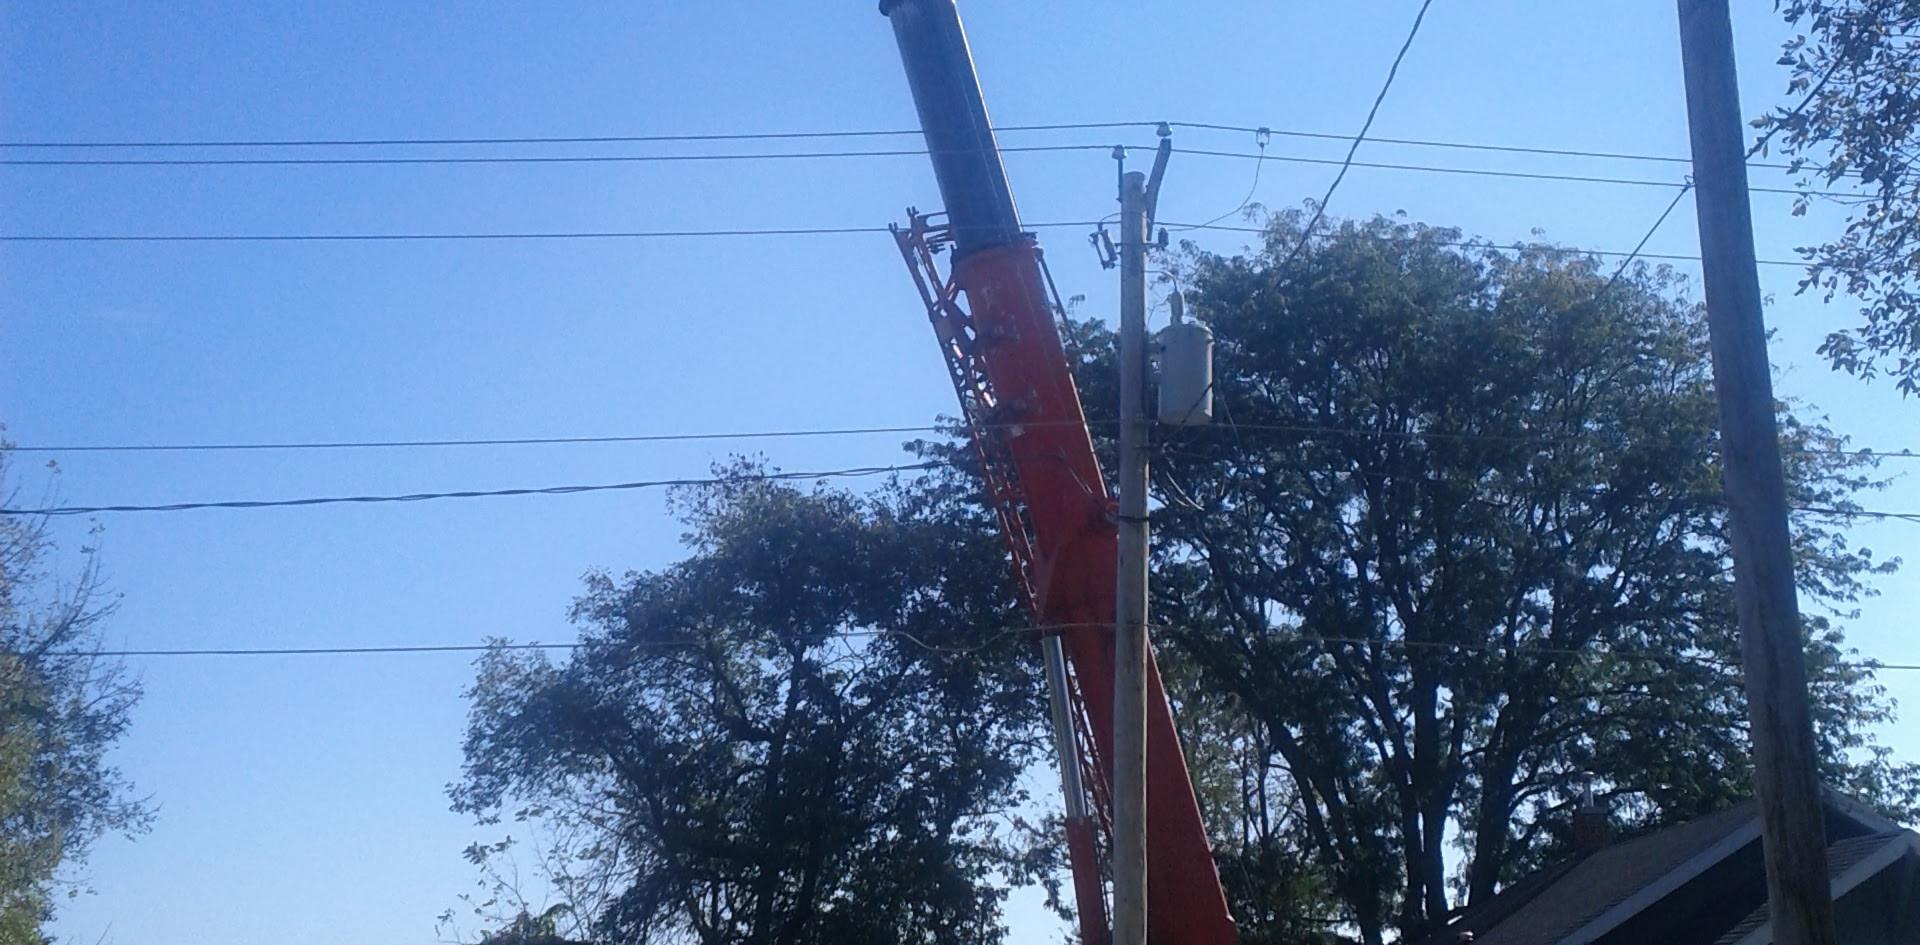 Crane set up